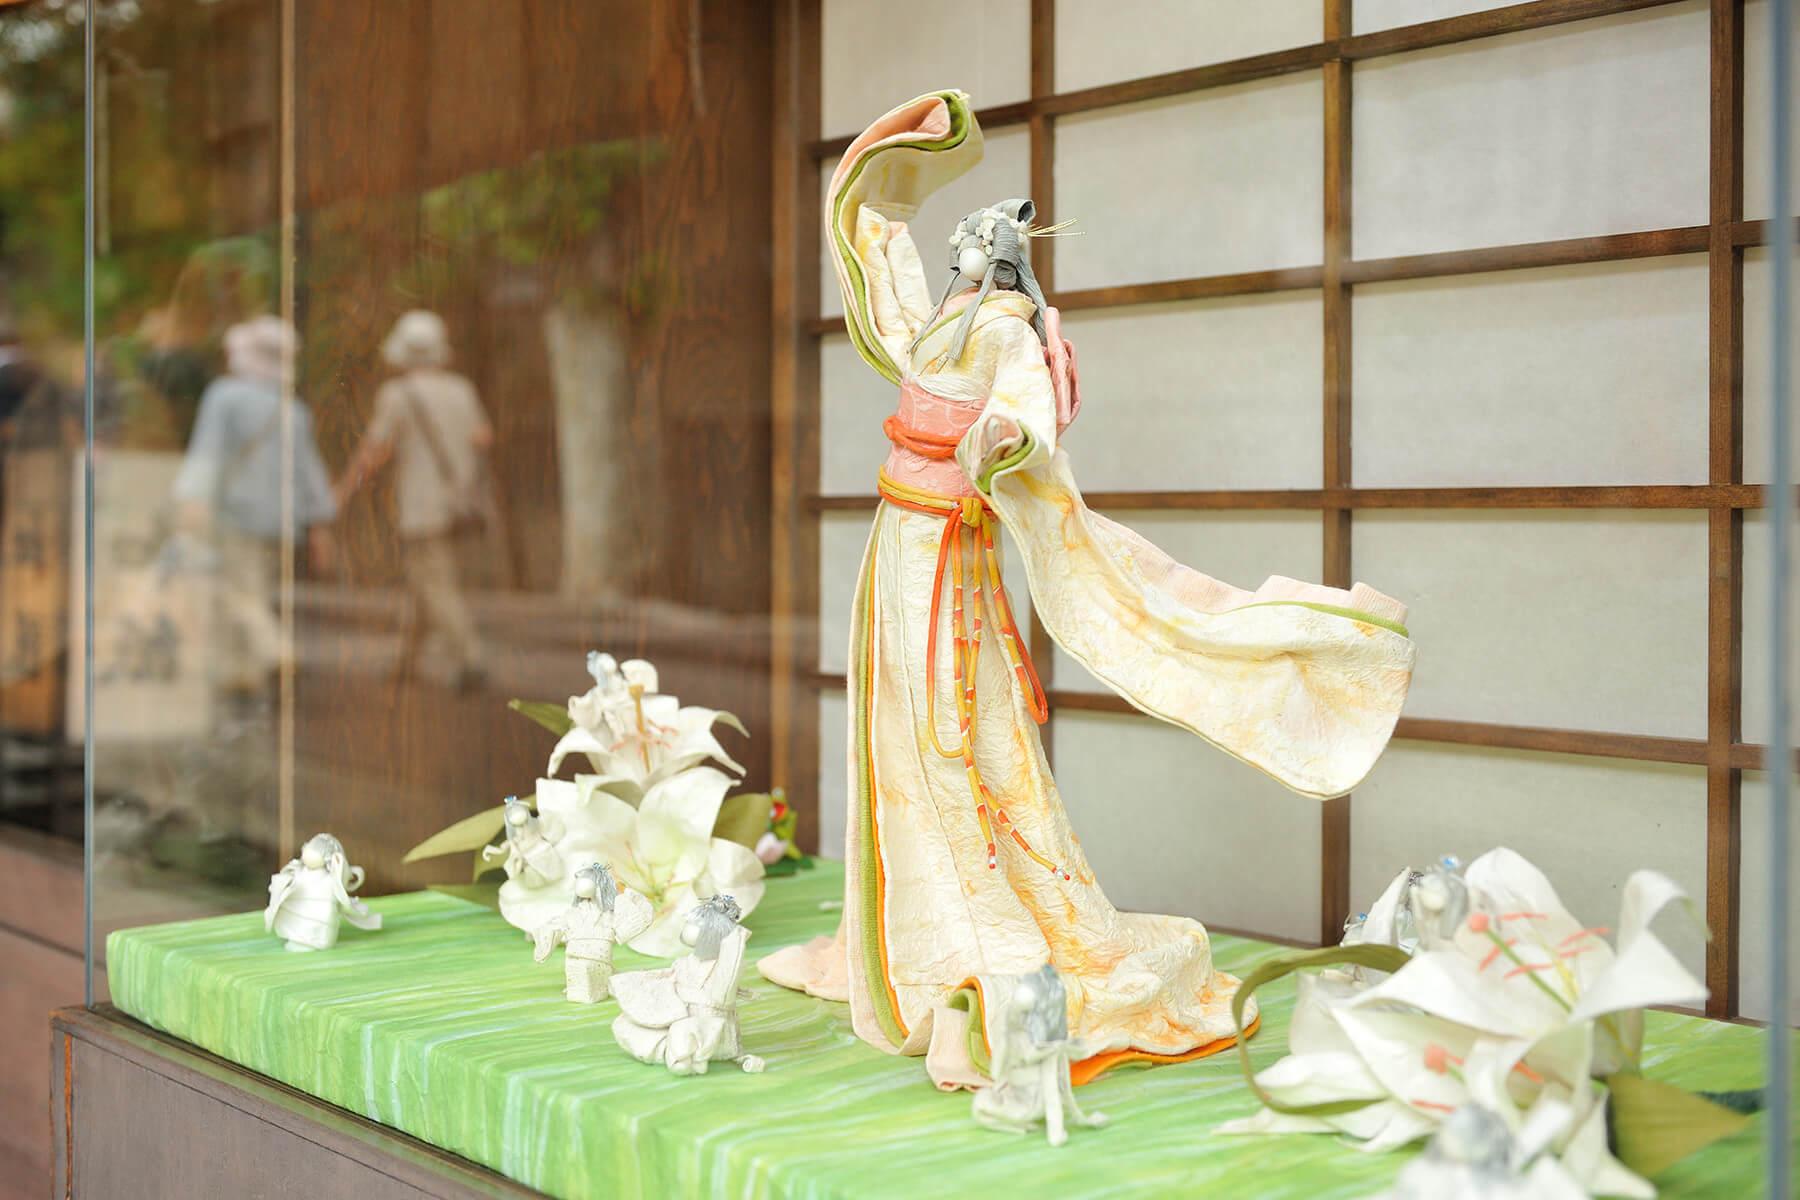 〈和紙の中條〉小布施の町に活きる伝統和紙